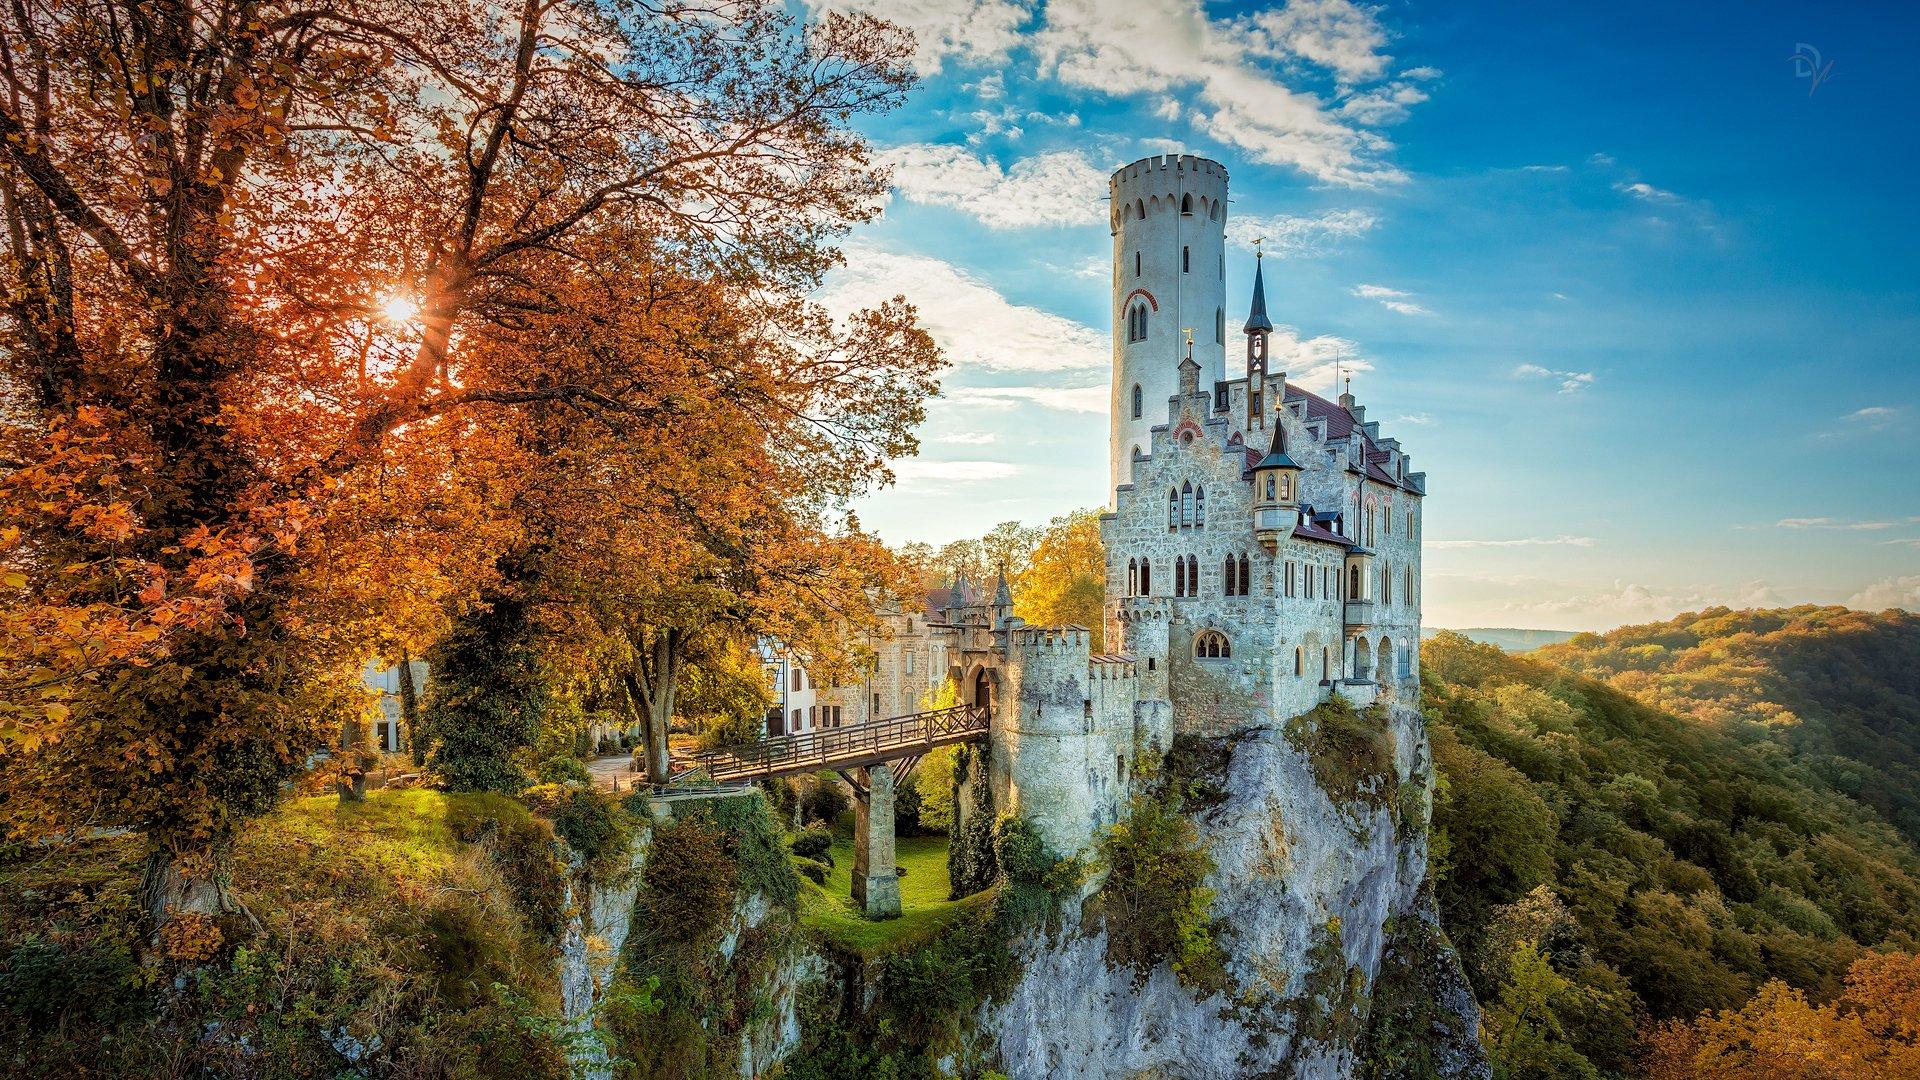 уже обои на рабочий стол средневековые замки бельгийский друг-архитектор